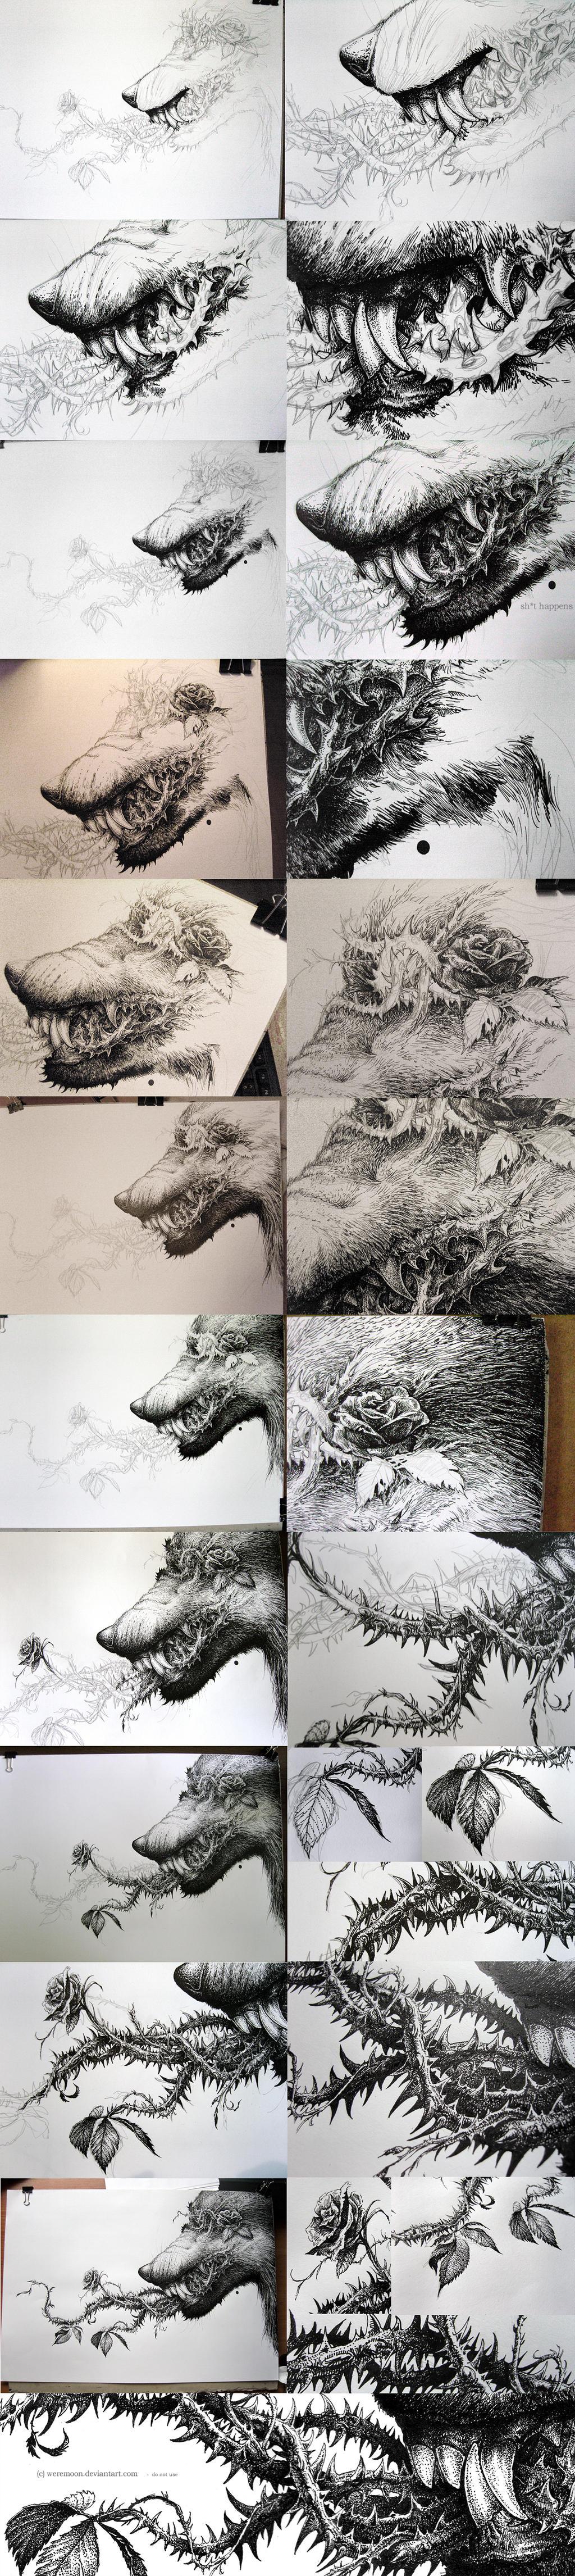 Insideout - Progress Shots by weremoon